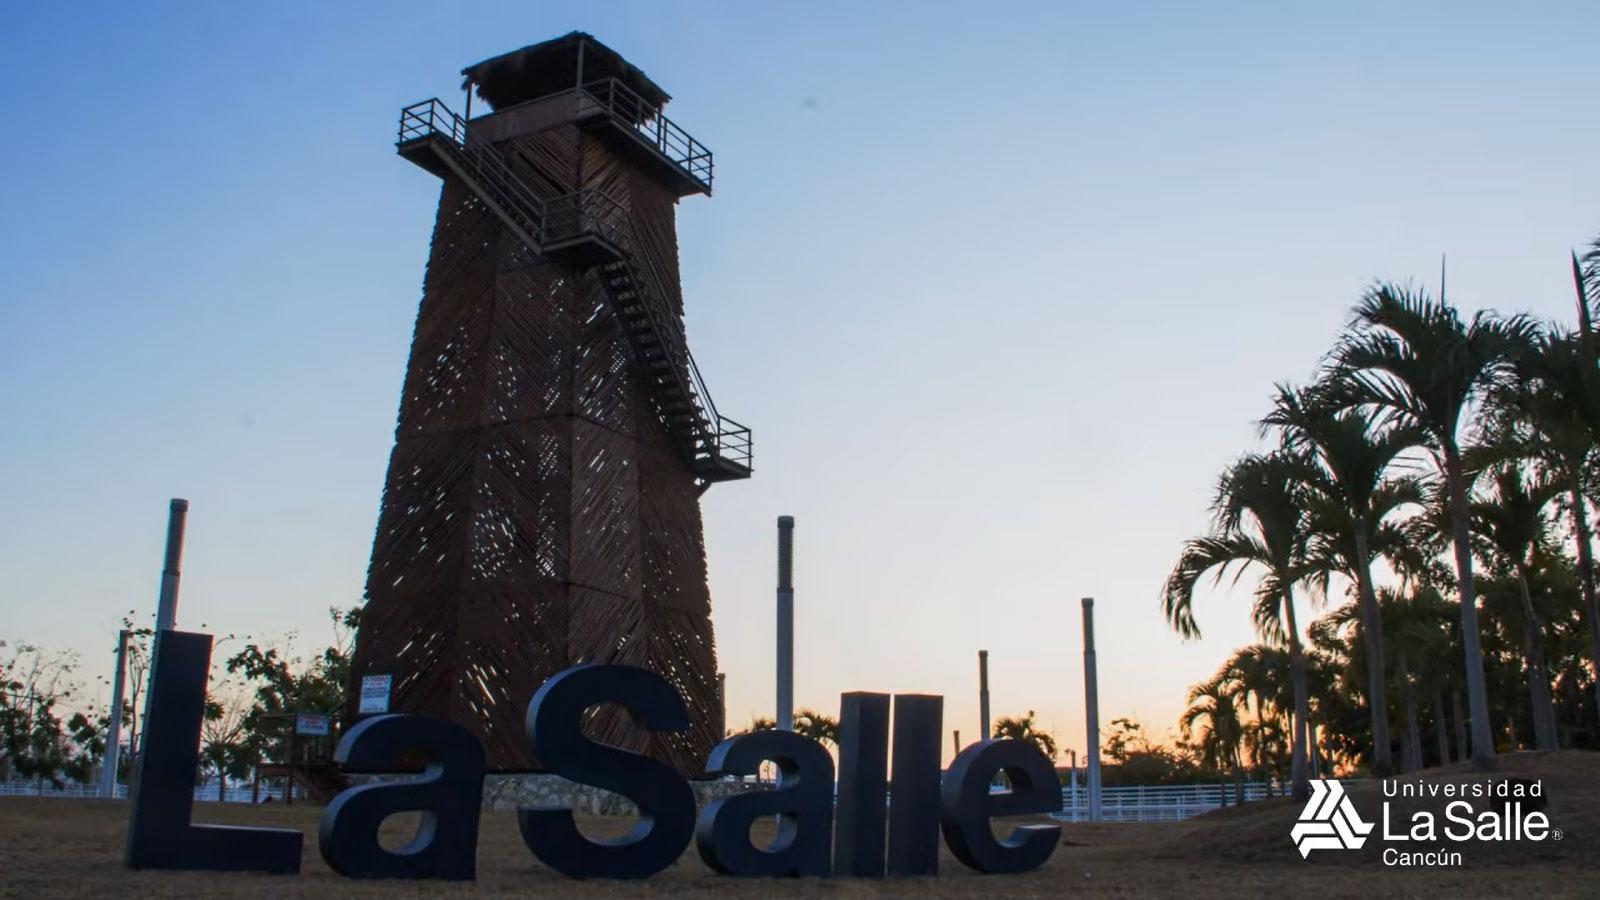 ULSA Cancún